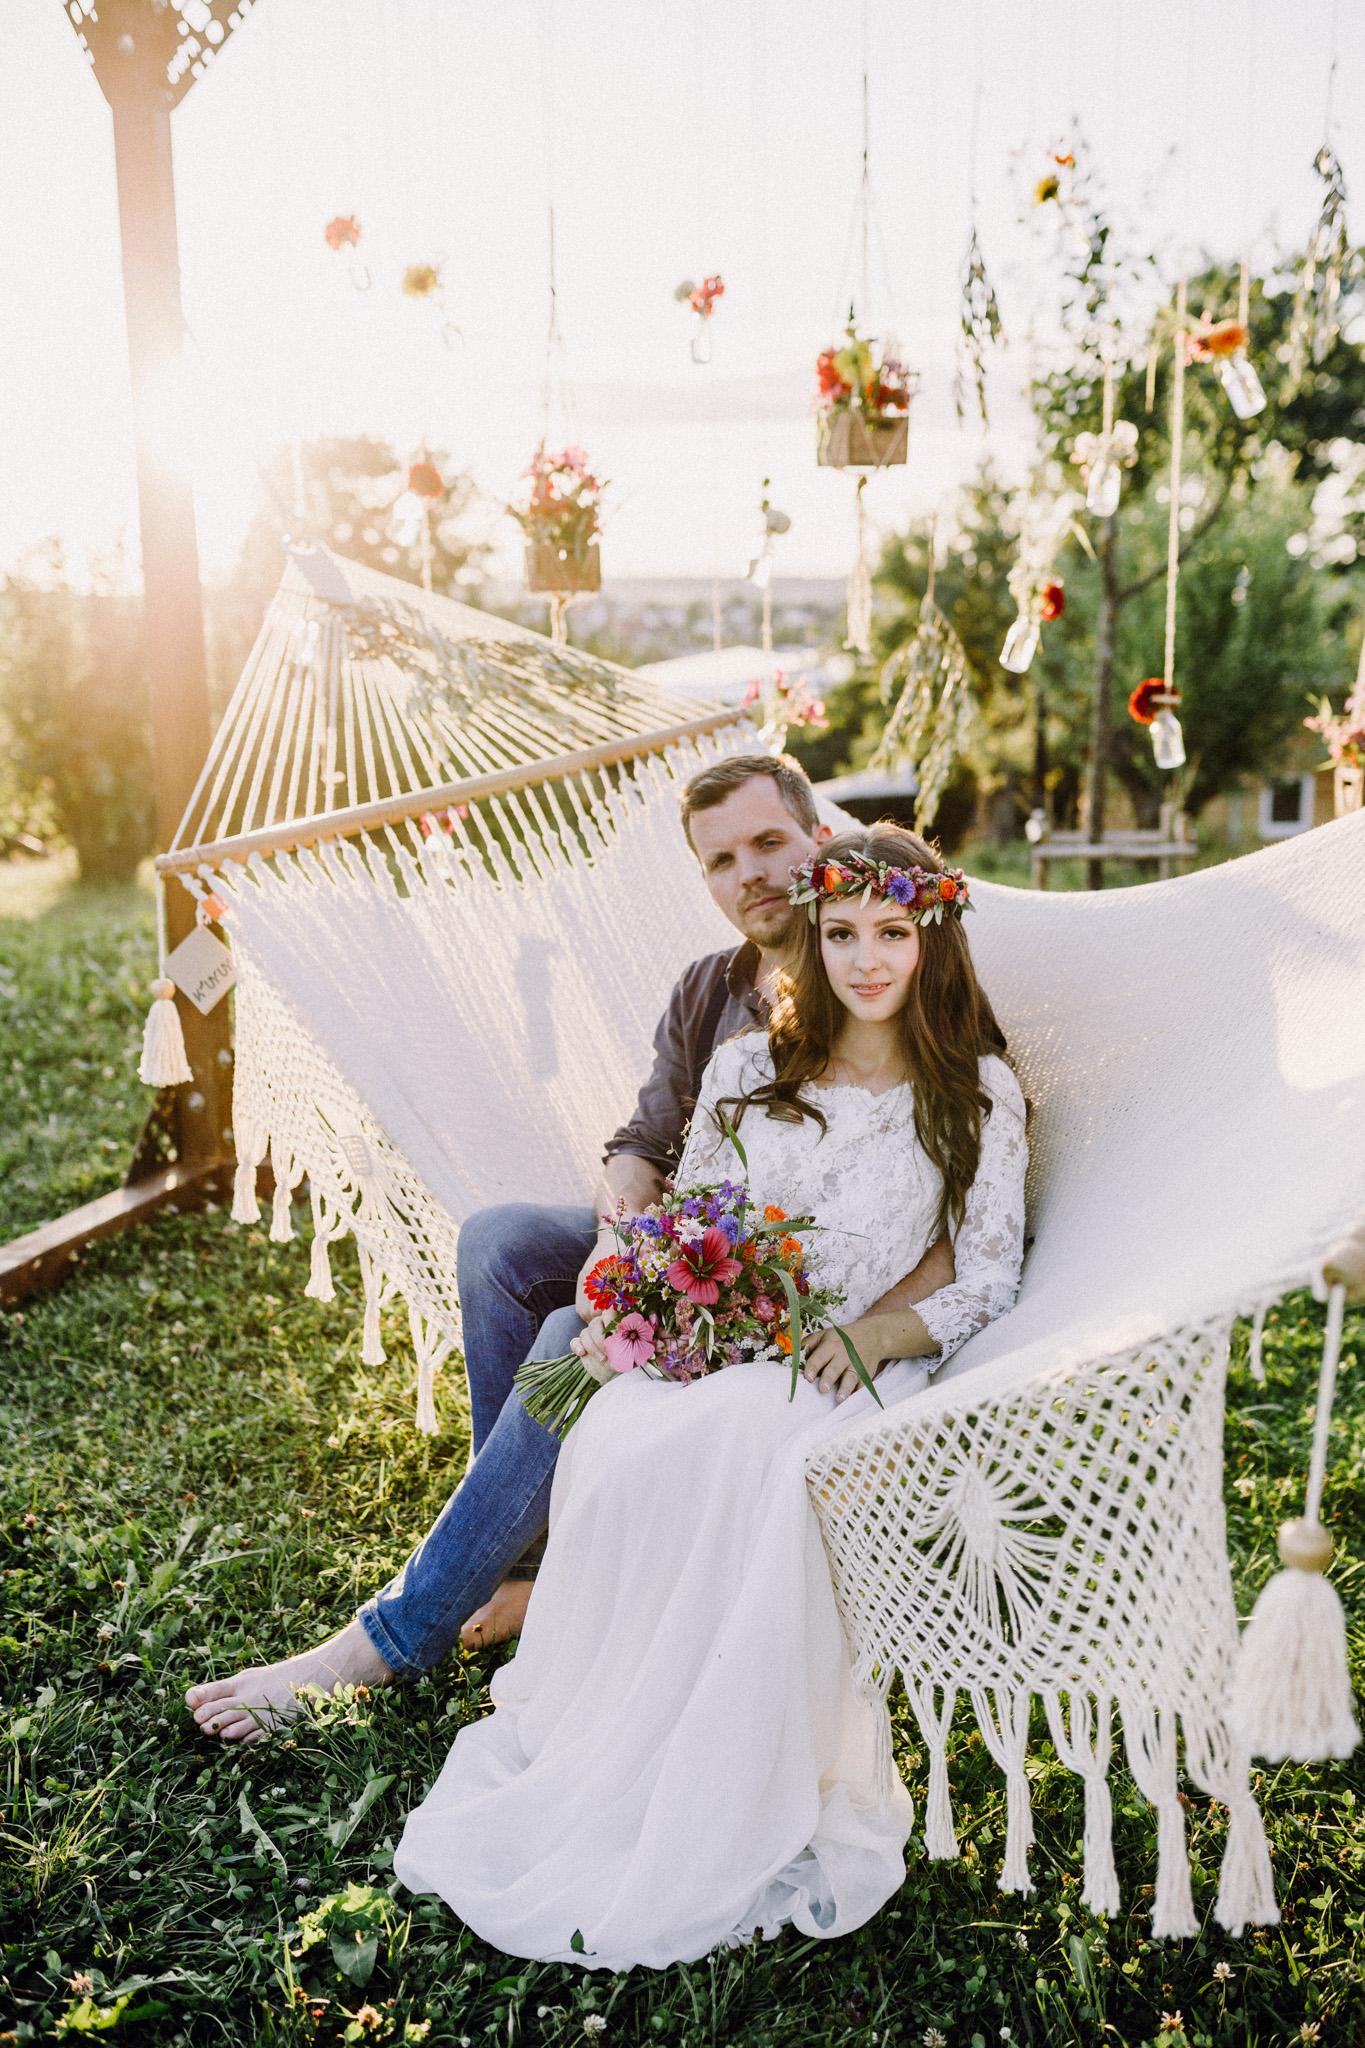 Hippie_Boho_Wedding_Hochzeit_Hochzeitsfotograf_Stuttgart_me_him_photography-klein-577